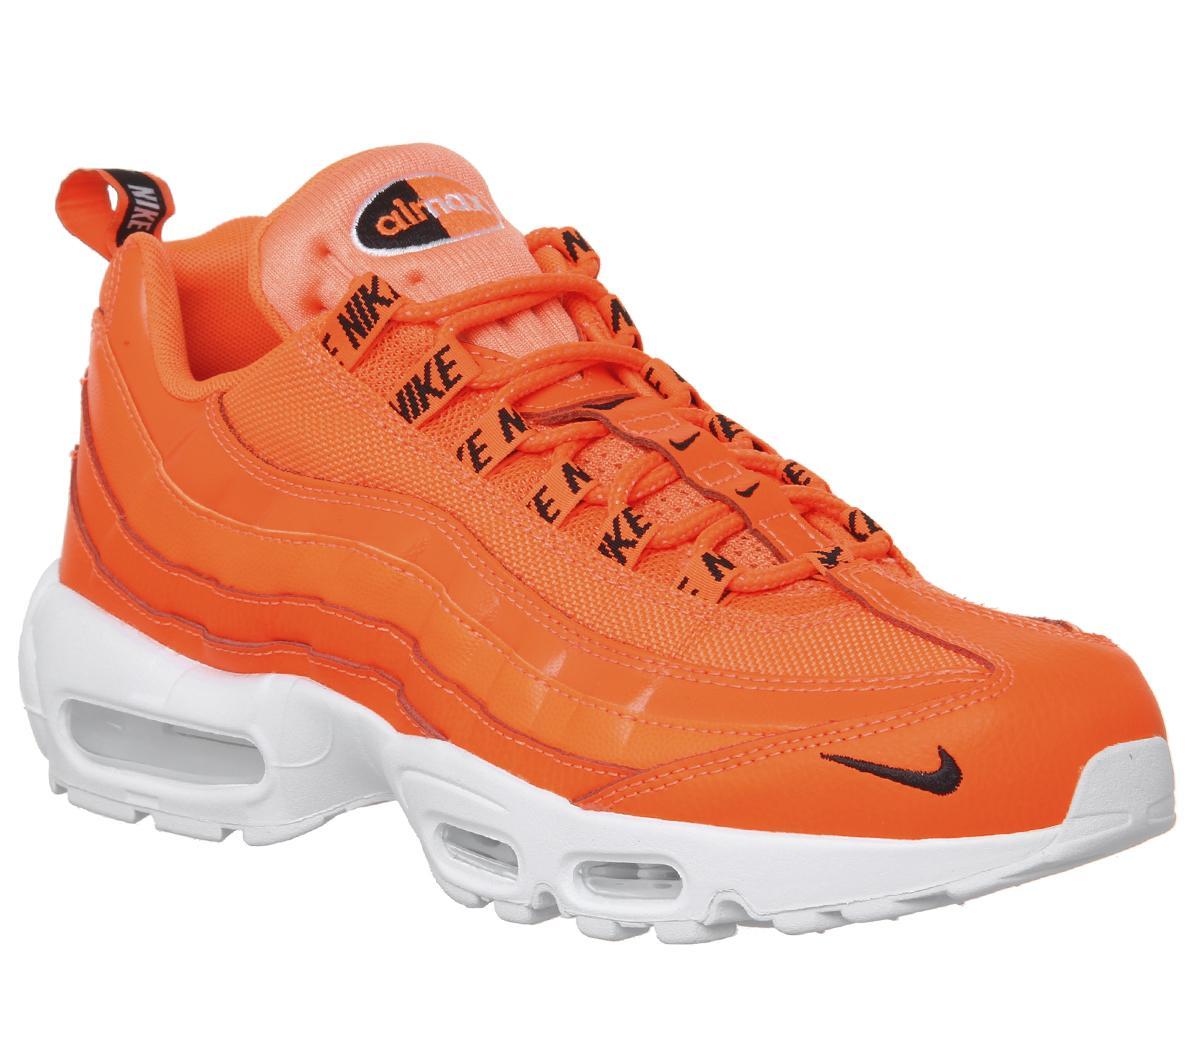 Rabatt Nike Air Max 95 Herren Sneaker Schuhe Weiß Orange